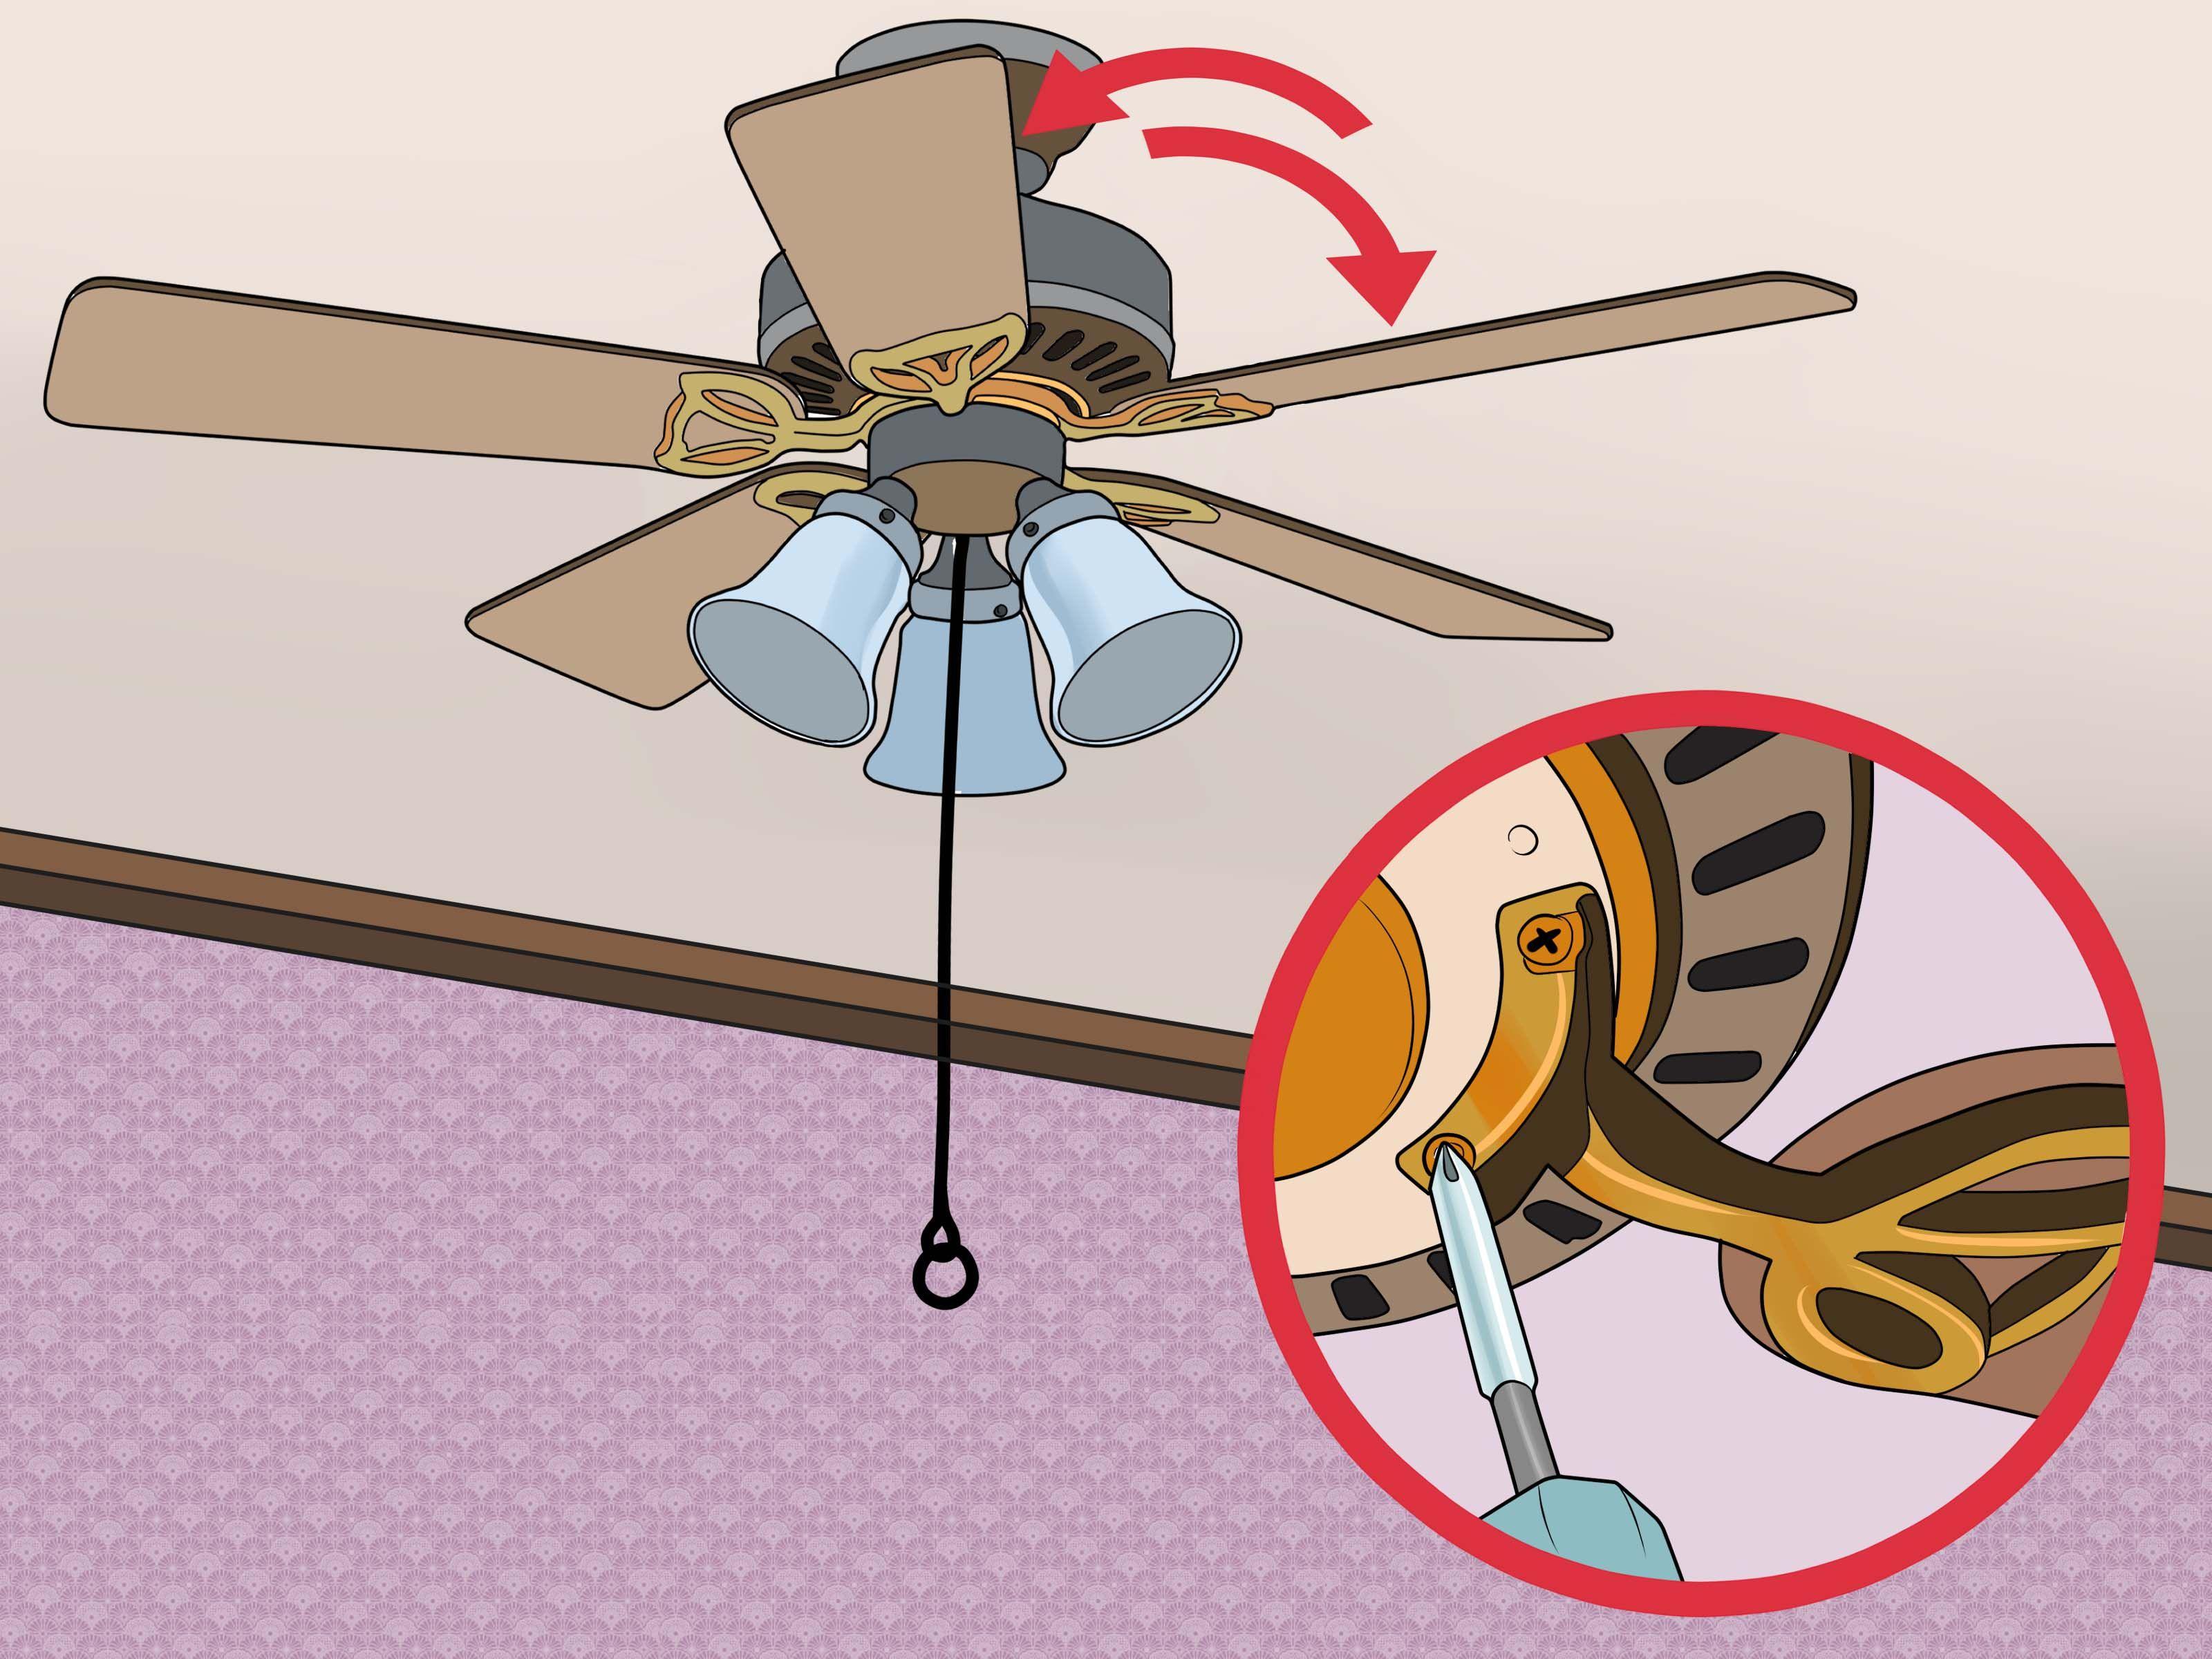 Fix A Wobbling Ceiling Fan